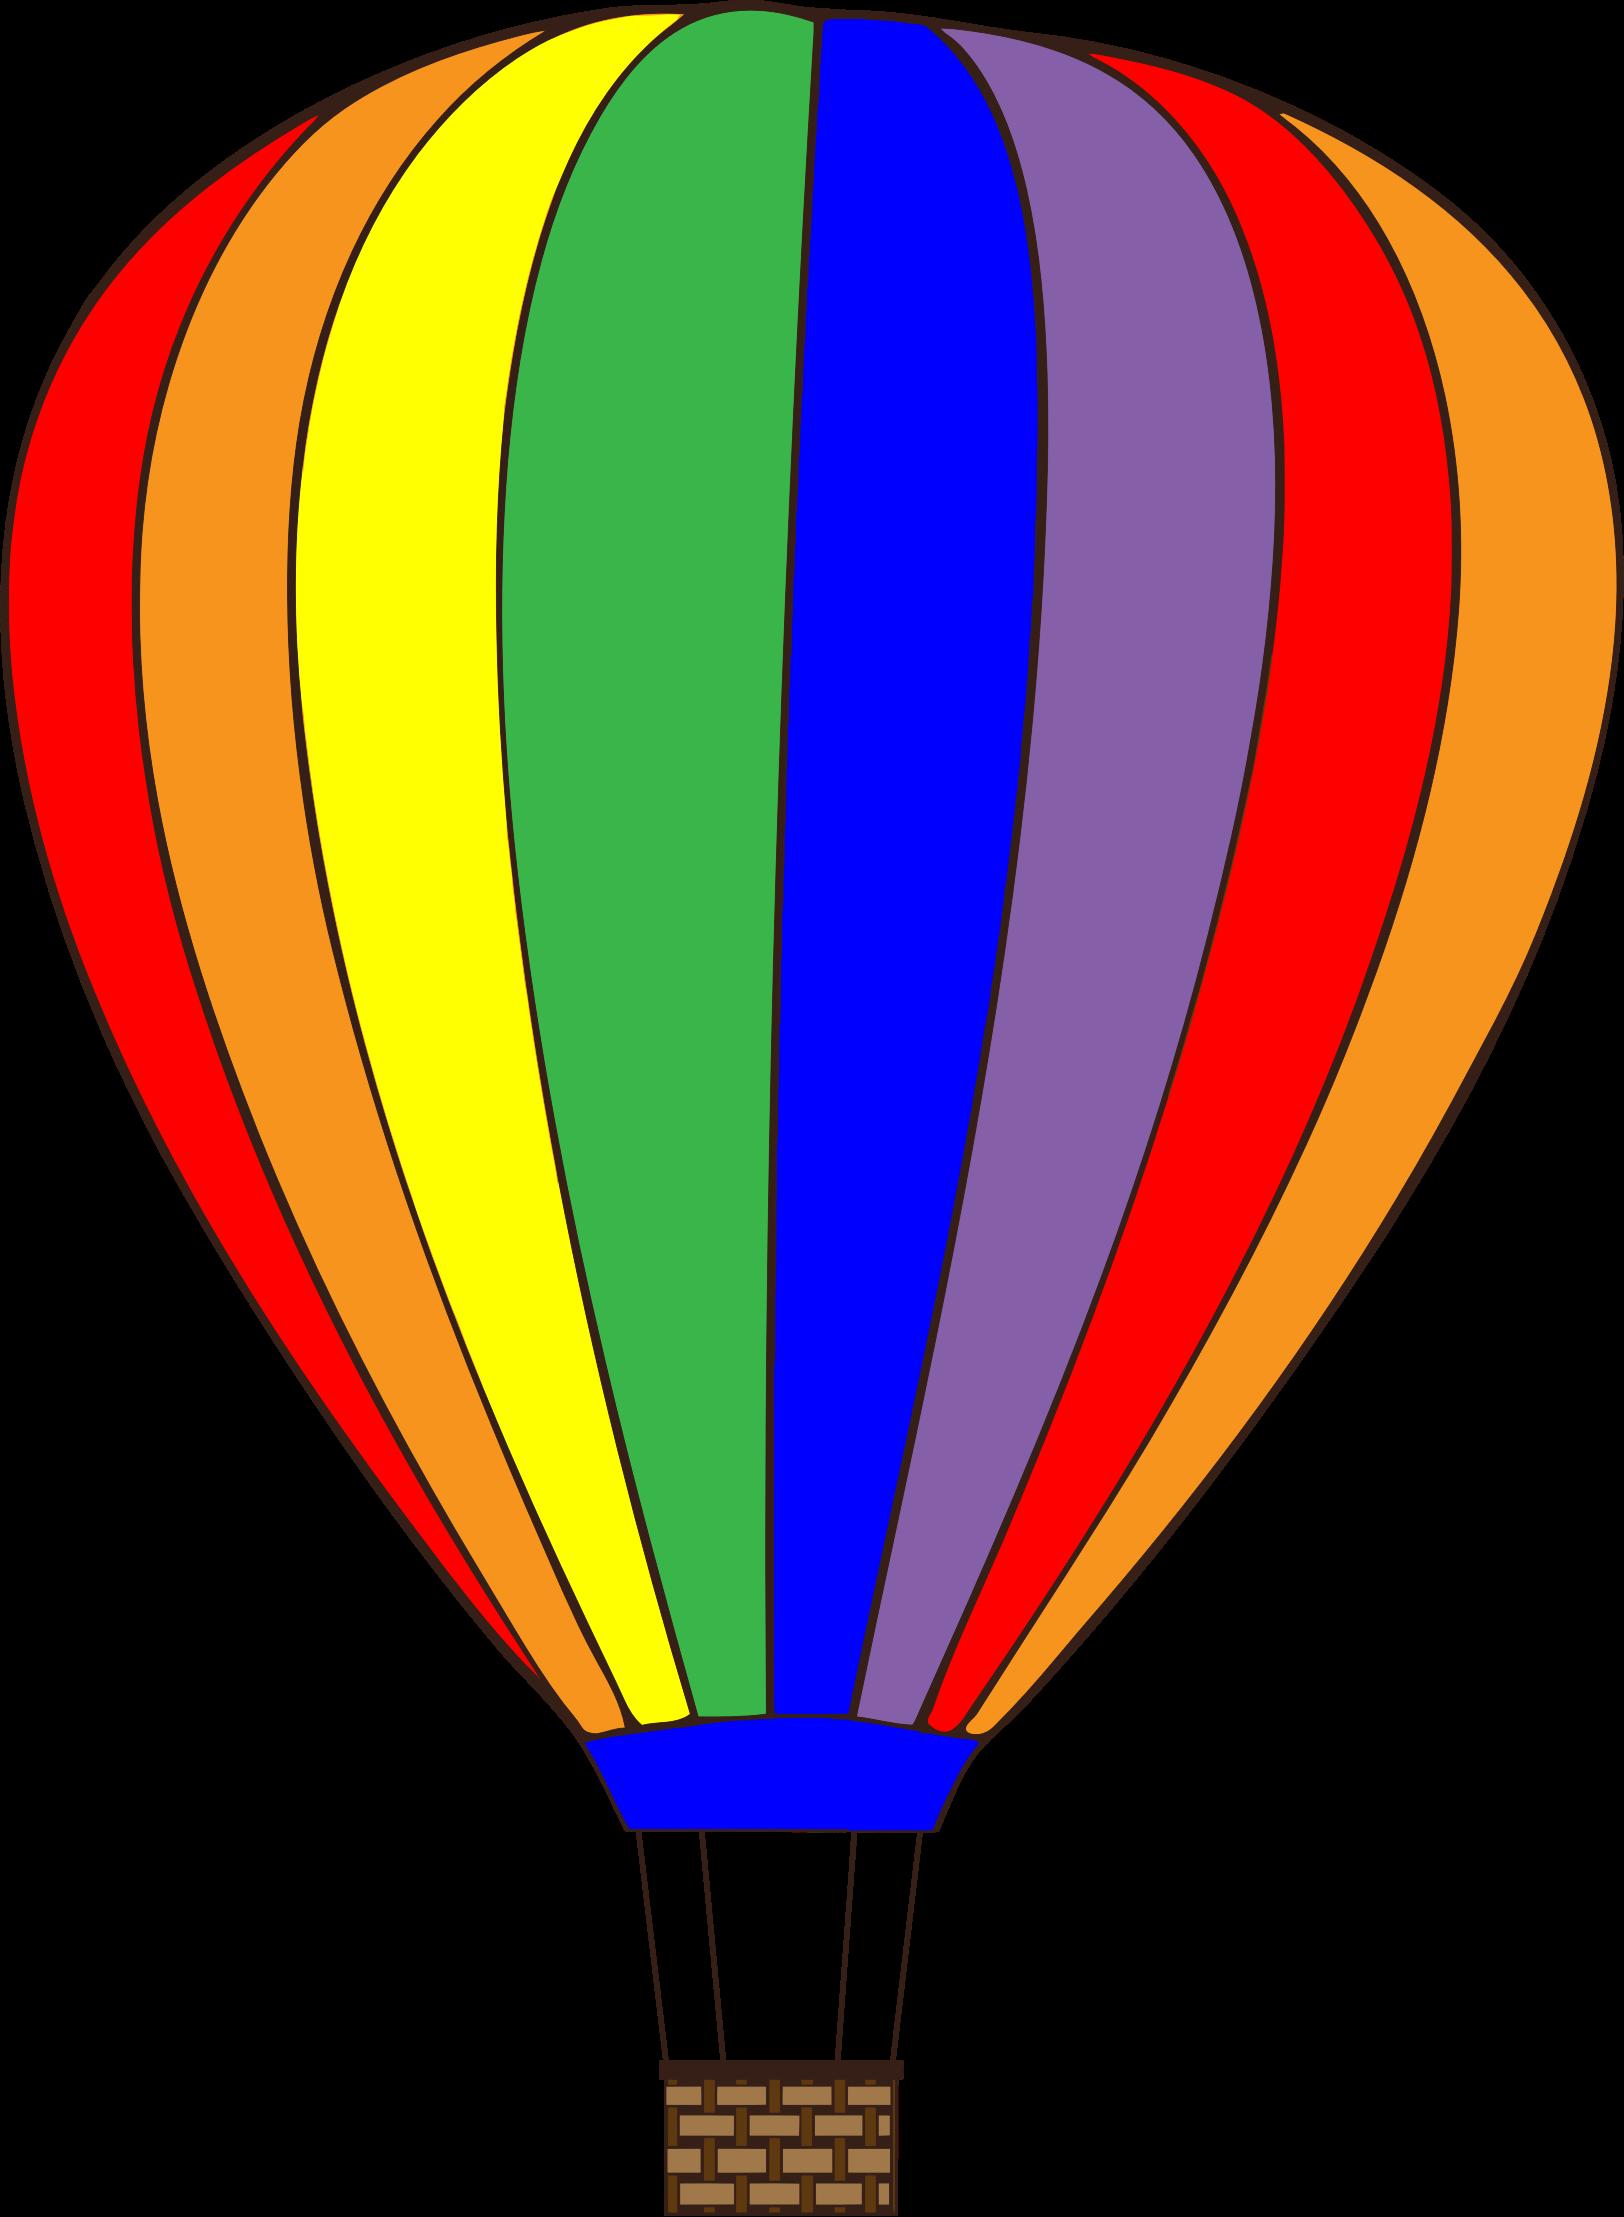 - Colorful Hot Air Balloon Hot Air Balloon Clipart, Hot Air